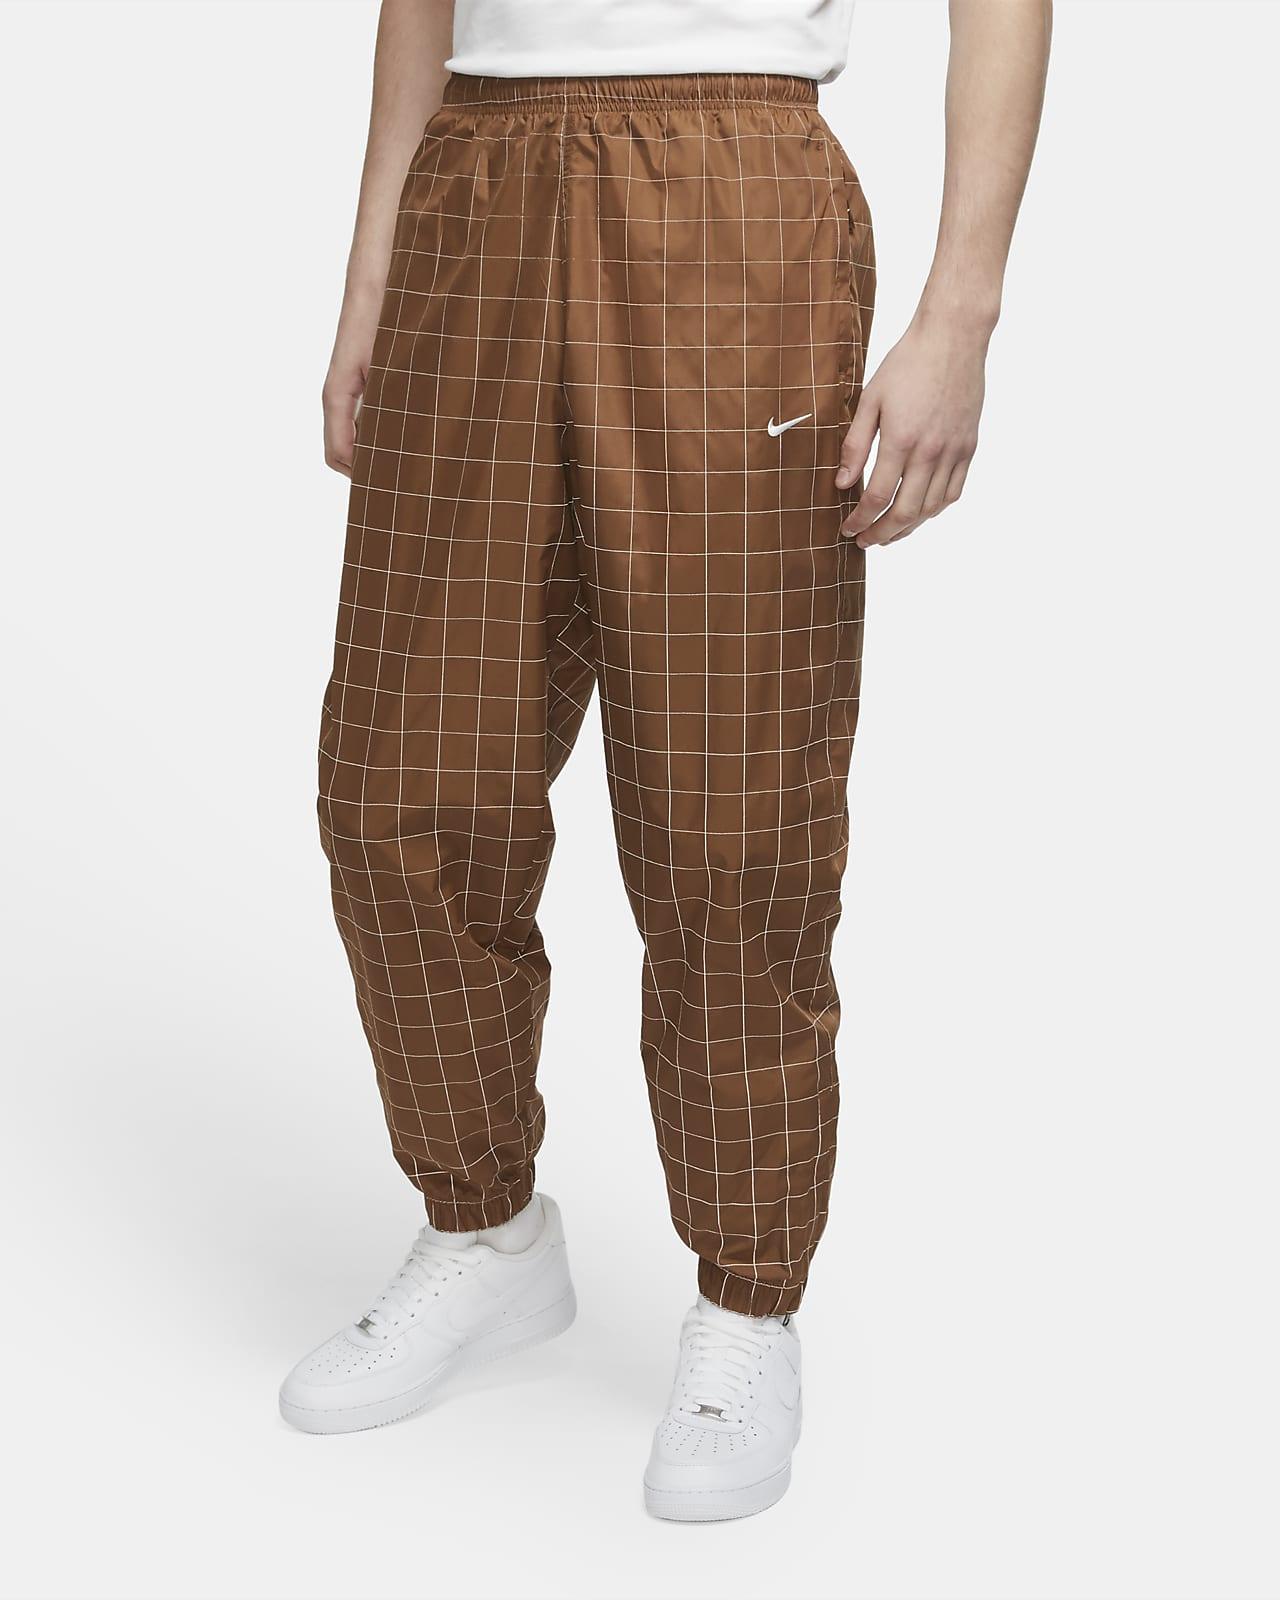 Pantalones de entrenamiento Flash para hombre NikeLab